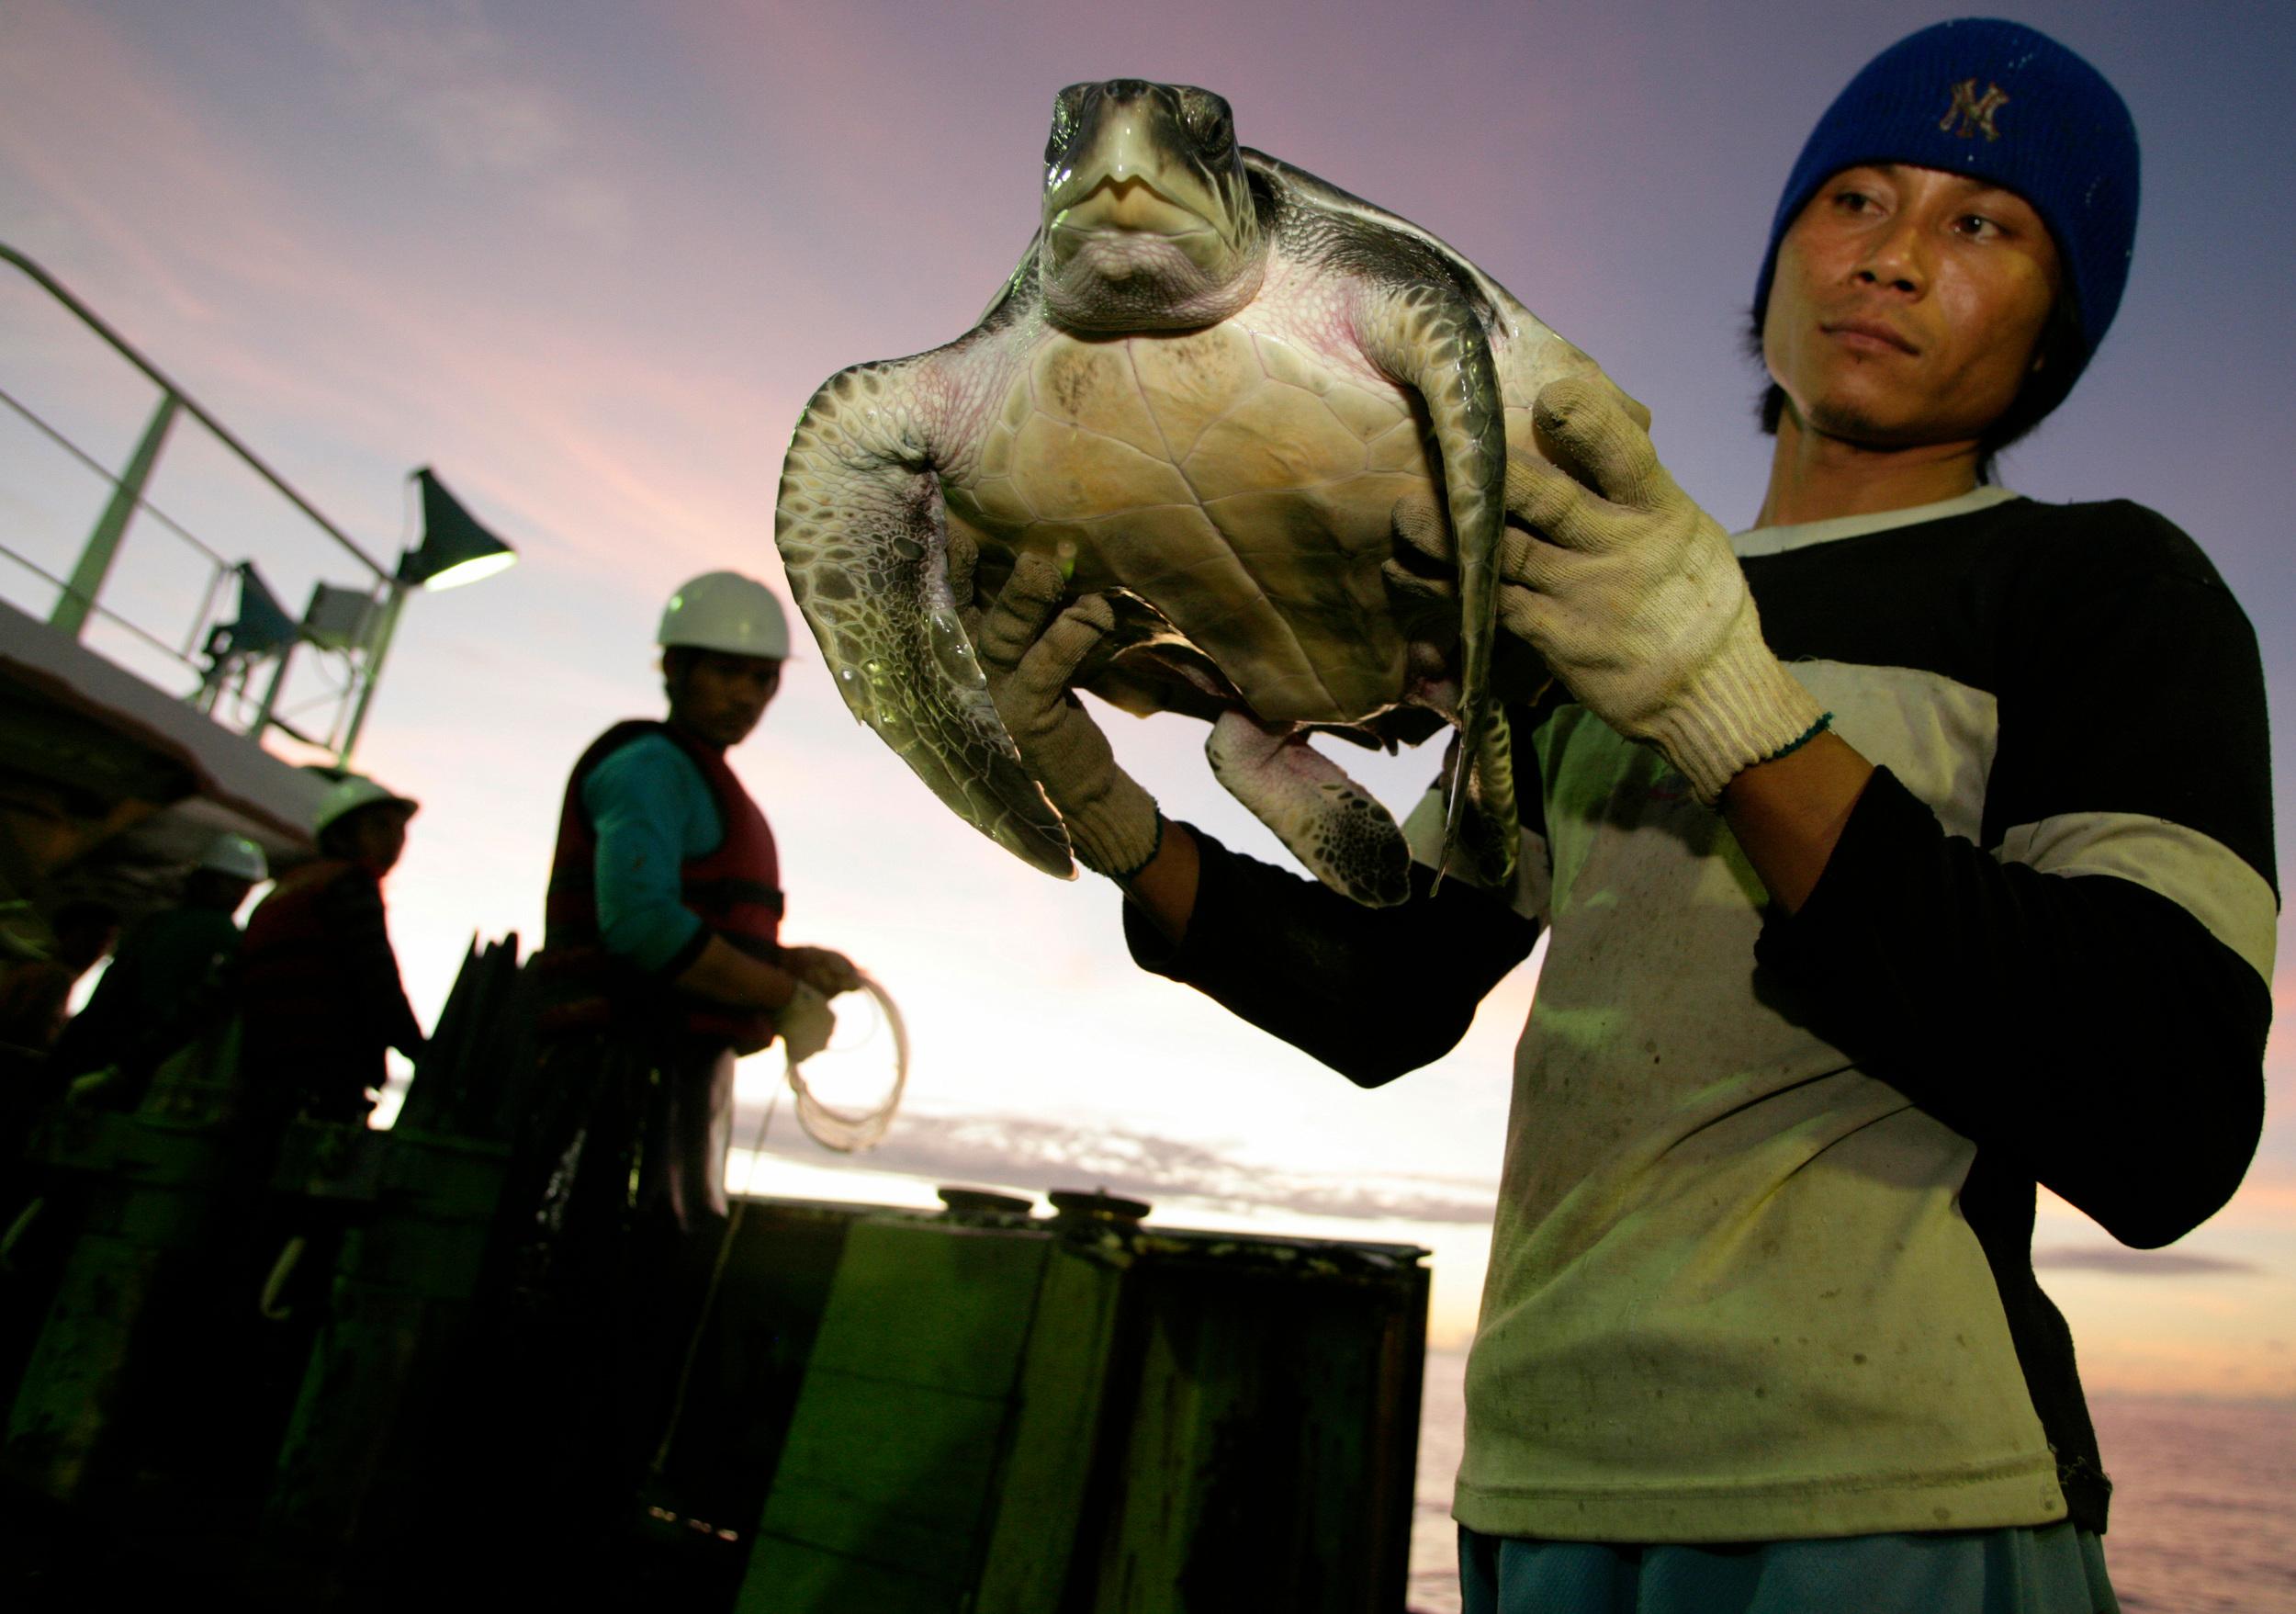 persona sosteniendo tortuga para examinarla